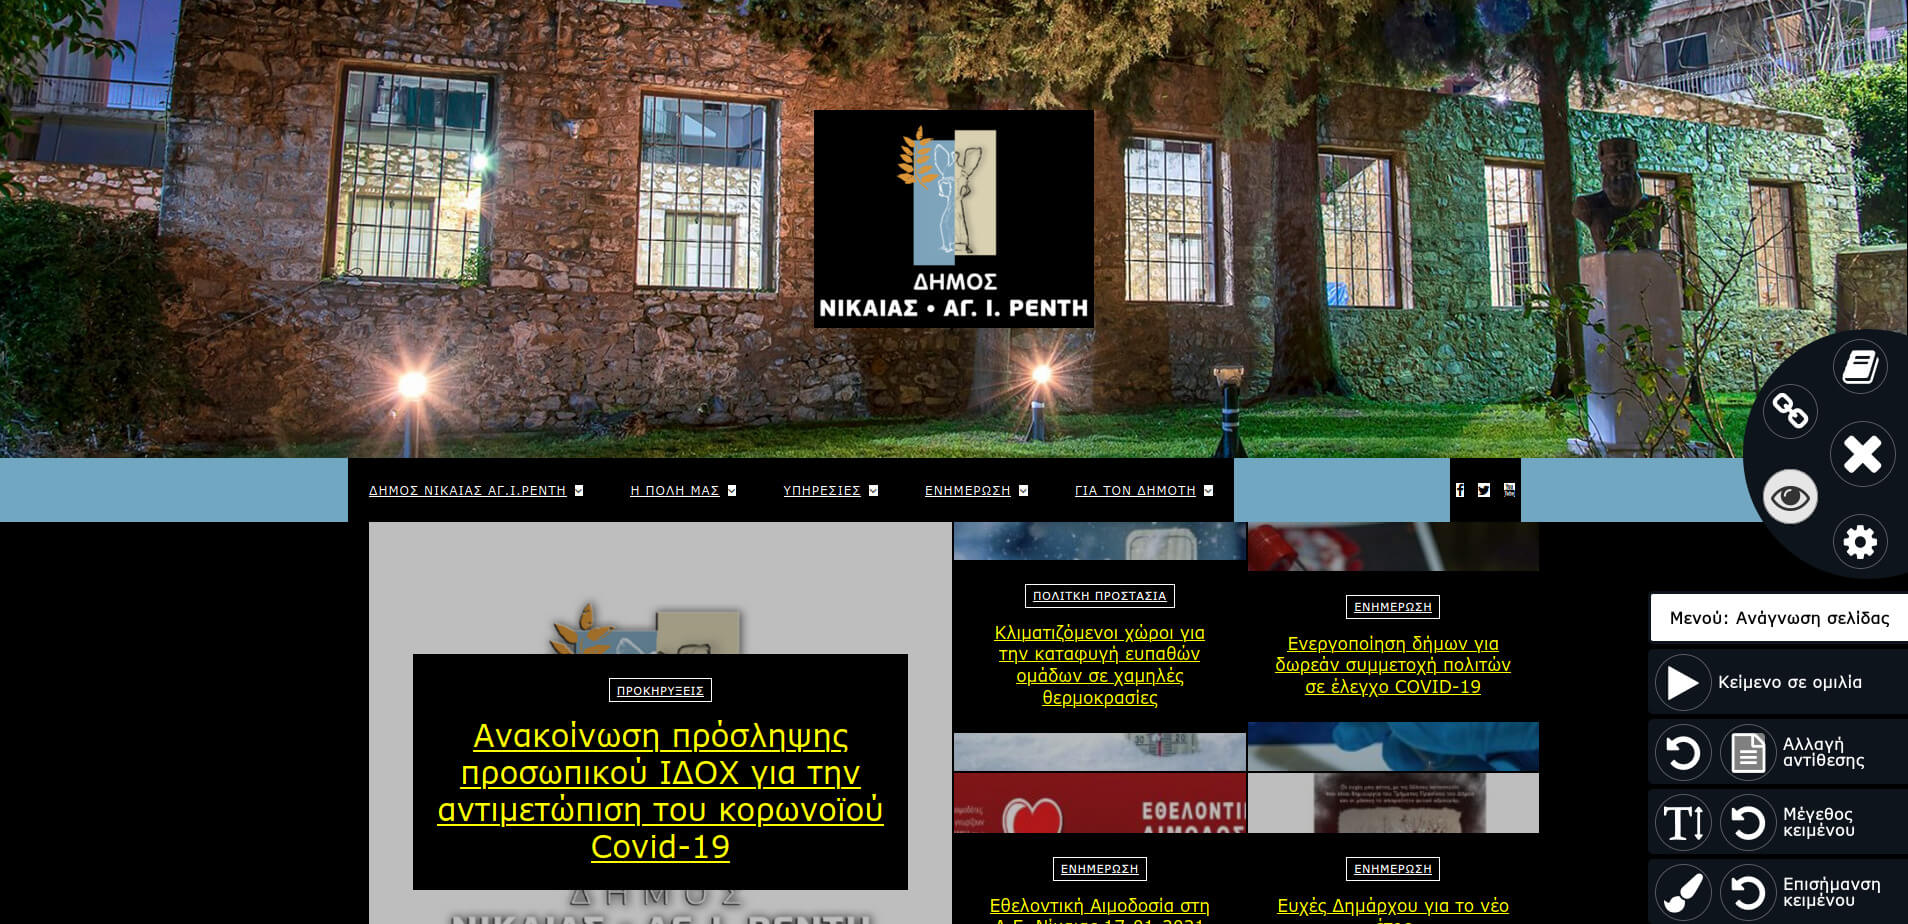 Μπάρα Προσβασιμότητας ΑμεΑ Eucleides - Ιστοσελίδες κατάλληλες για ΑμεΑ σύμφωνα με το πρότυπο WCAG 2.0 - Εγκατάσταση σε όλες τις πλατφόρμες ιστοτόπων - nikaia-rentis.gov.gr